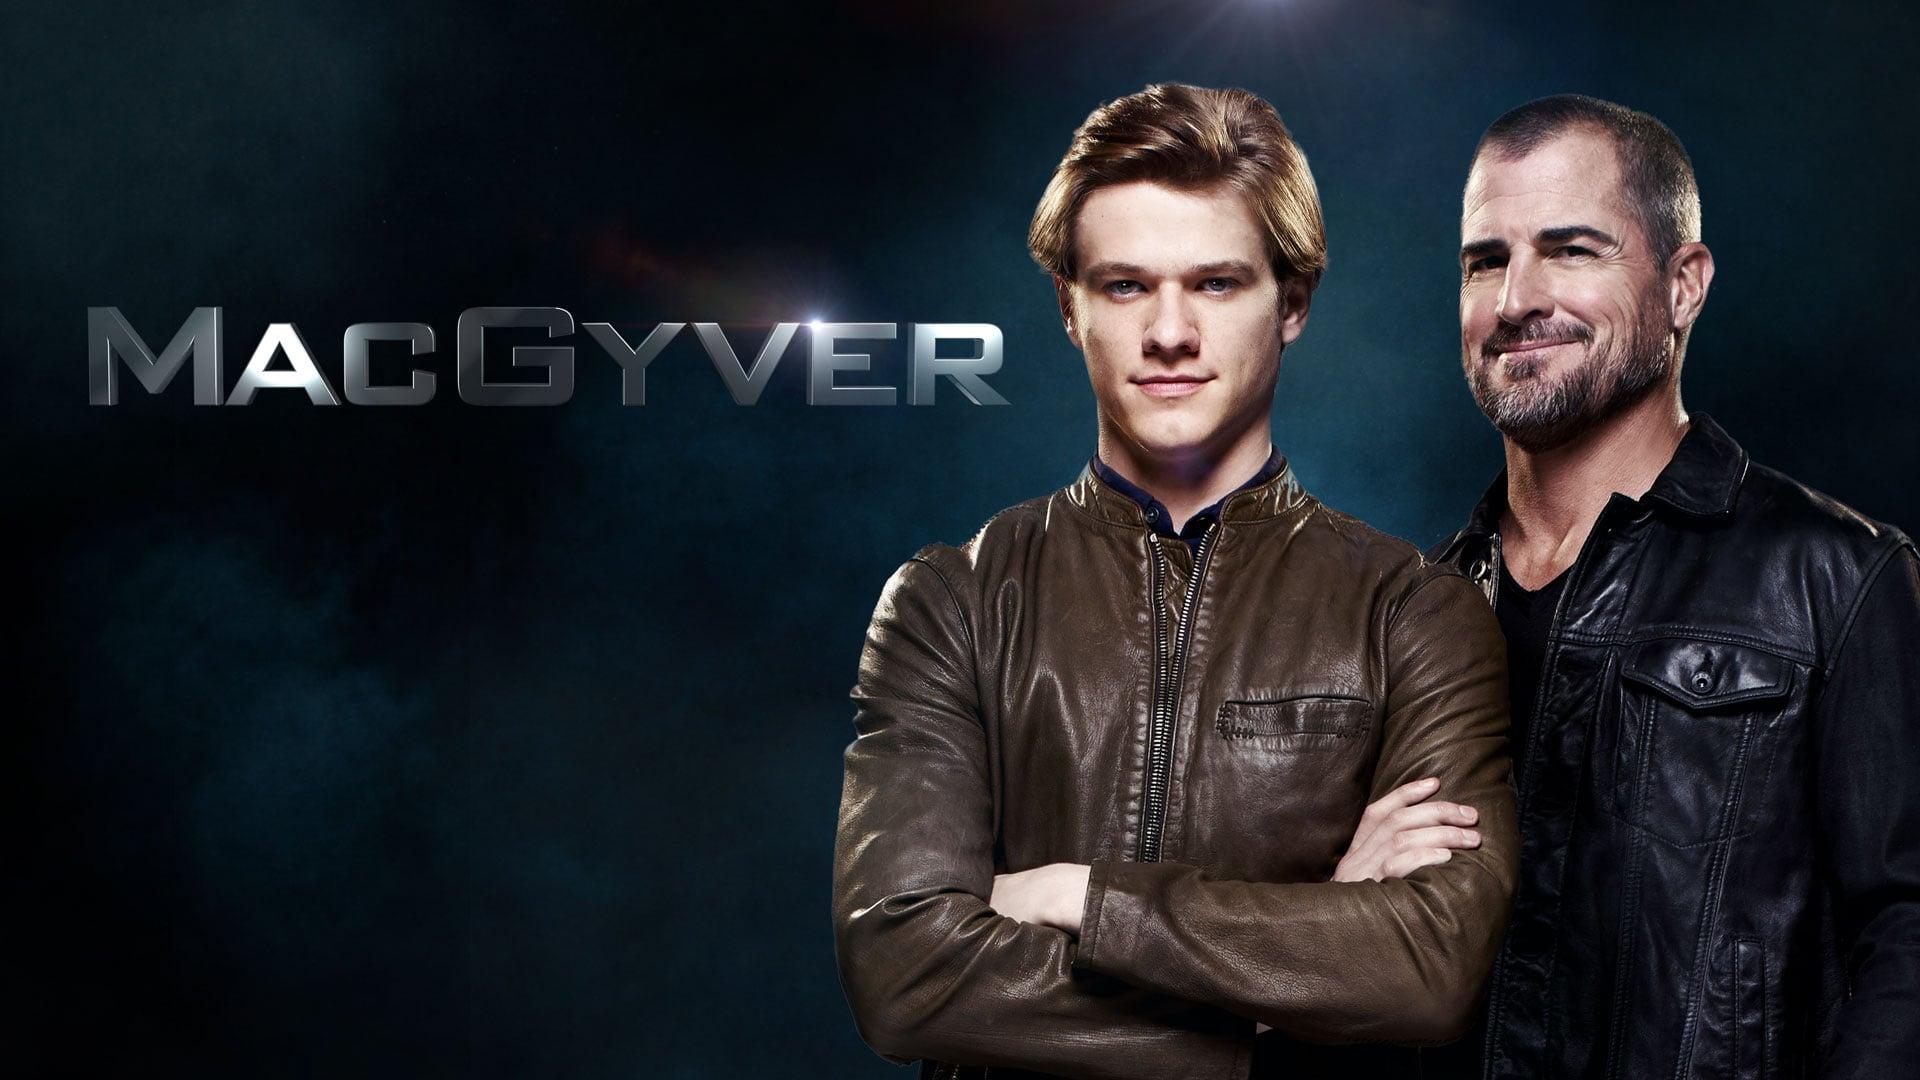 MacGyver Season 5 Episode 1